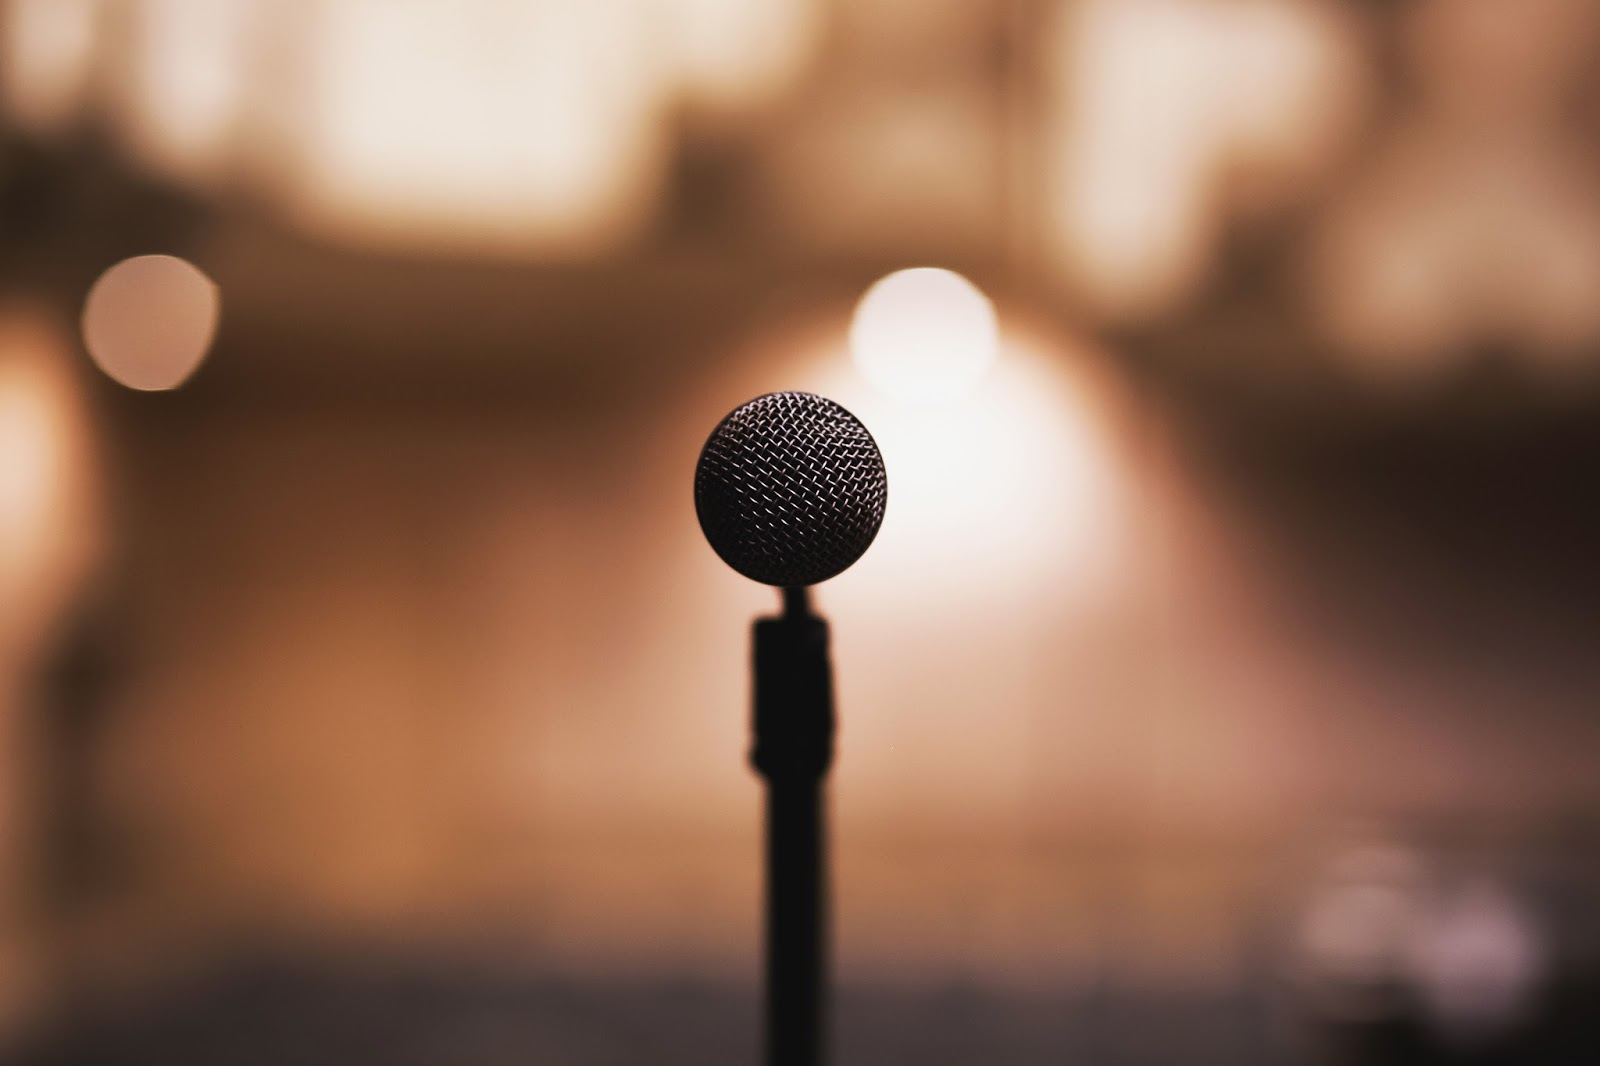 Nie wiesz co zrobić z mikrofonem?